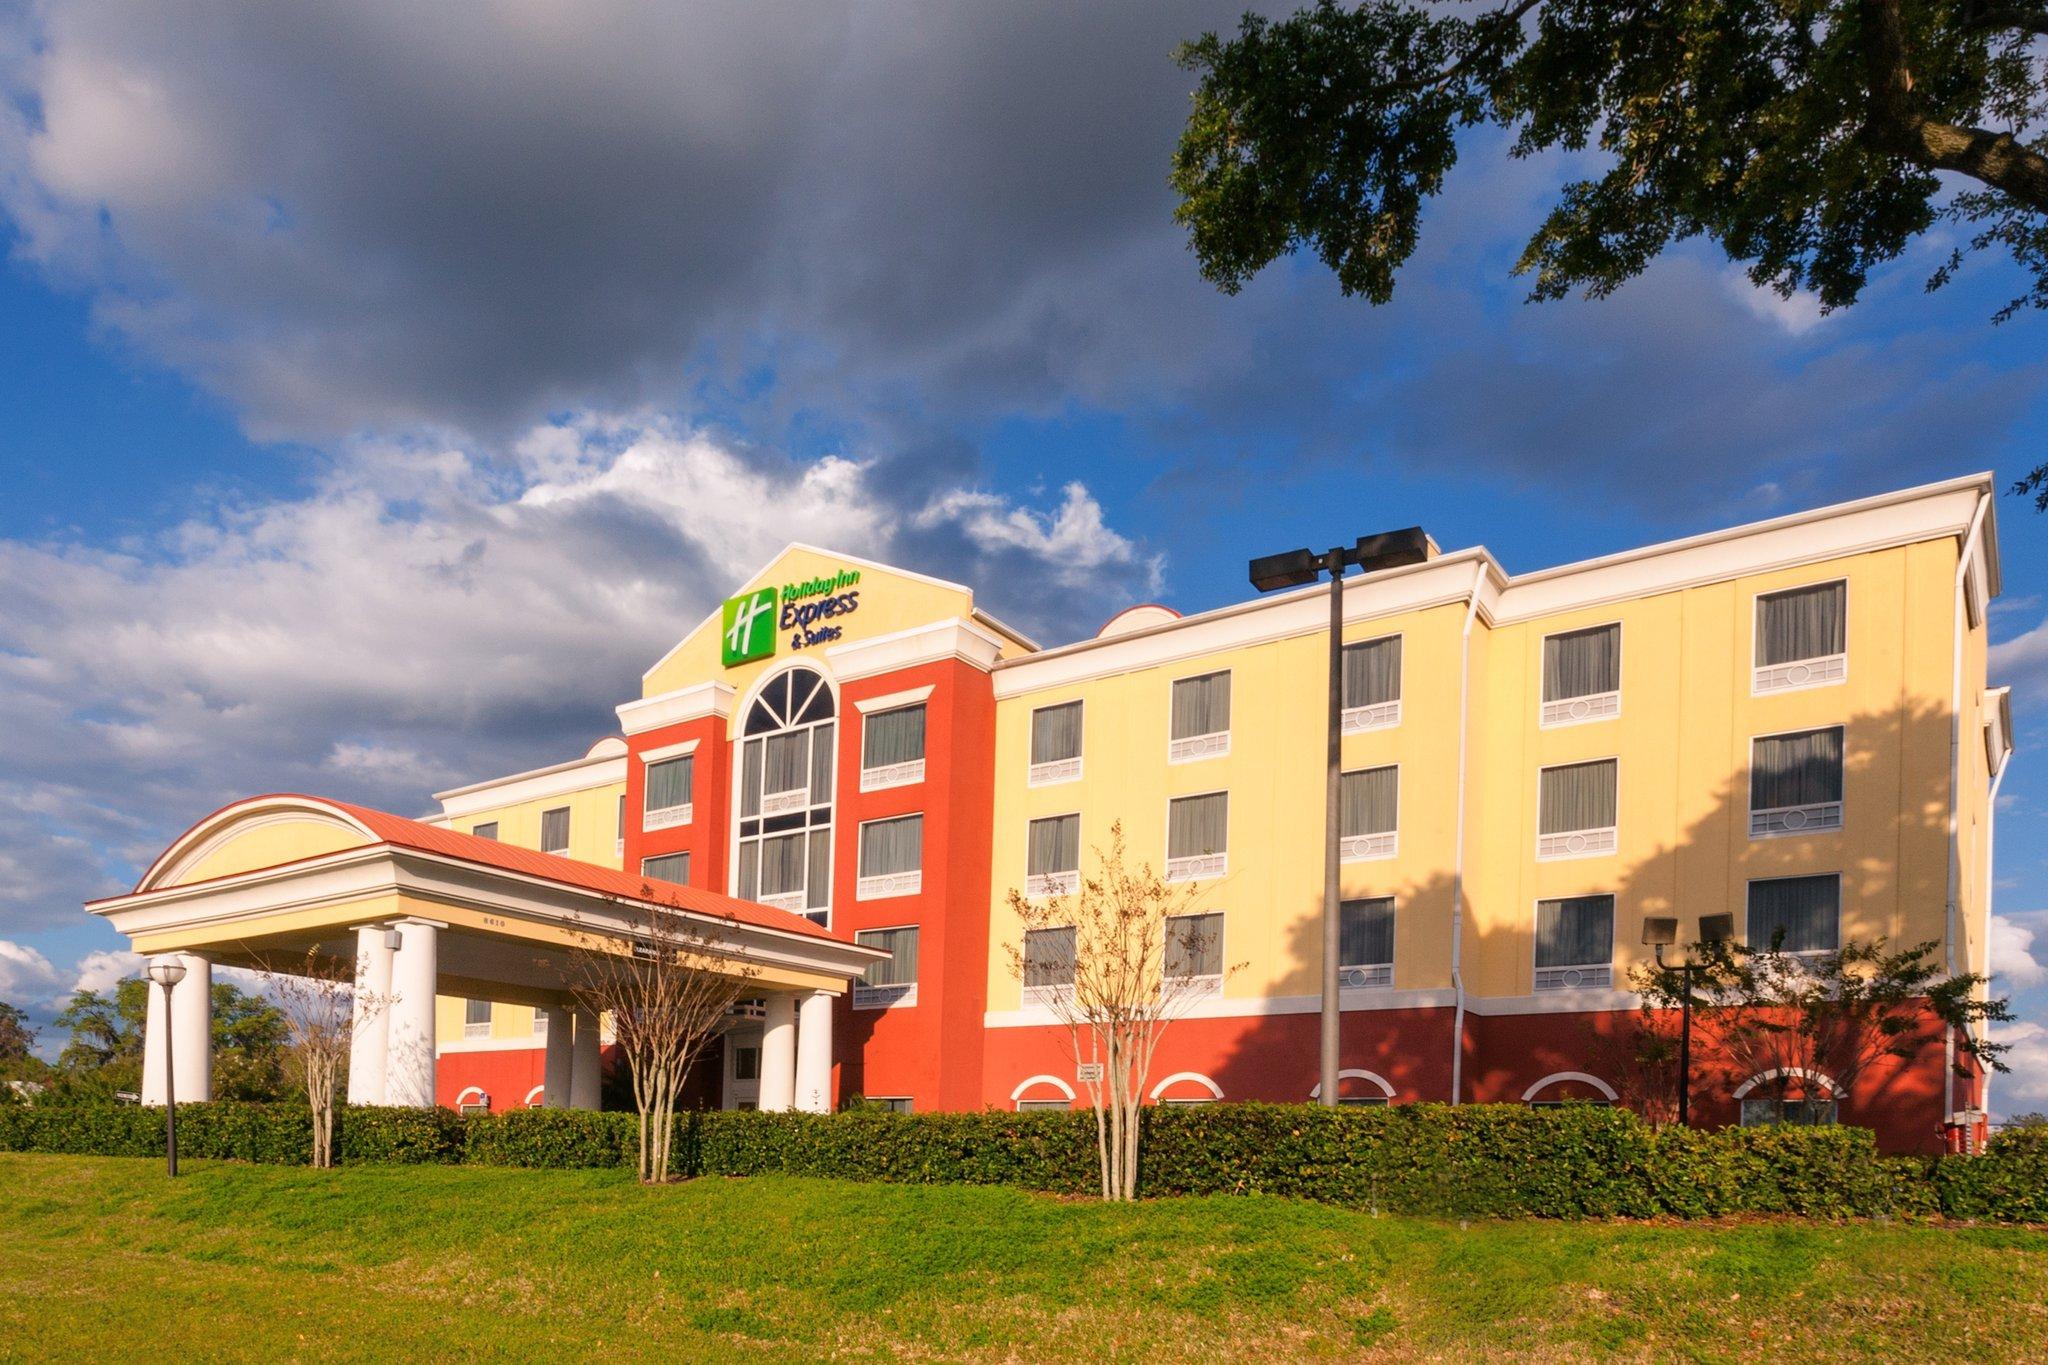 ホリデイ イン エクスプレス ホテル & スイーツ タンパ - フェアグラウンド - カジノ